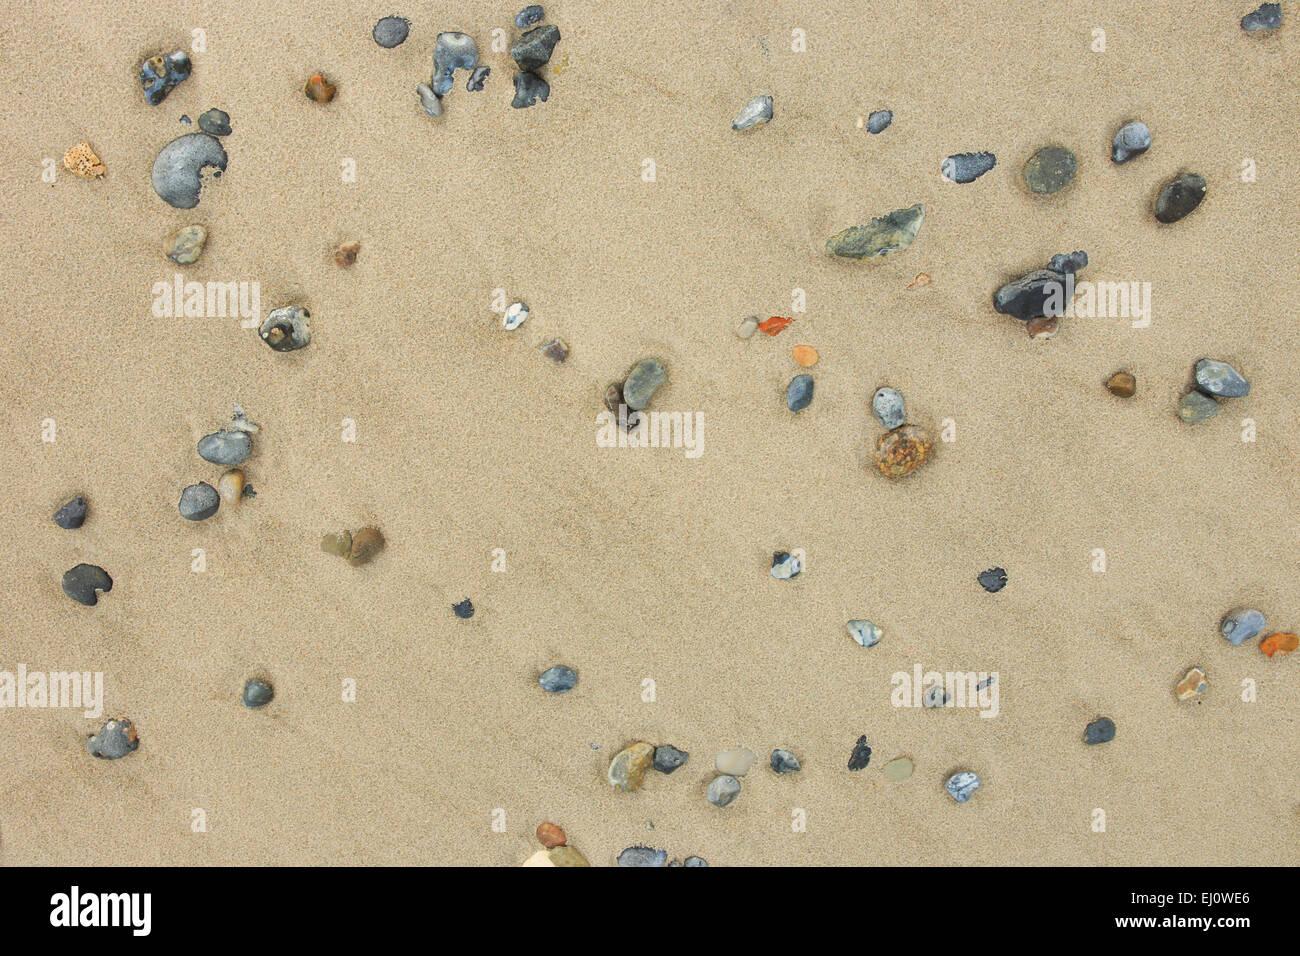 Dettaglio, Germania, Europa, forma, forma, forme, dimensioni, rock, Helgoland, macro, mare, motivo di close-up, Immagini Stock